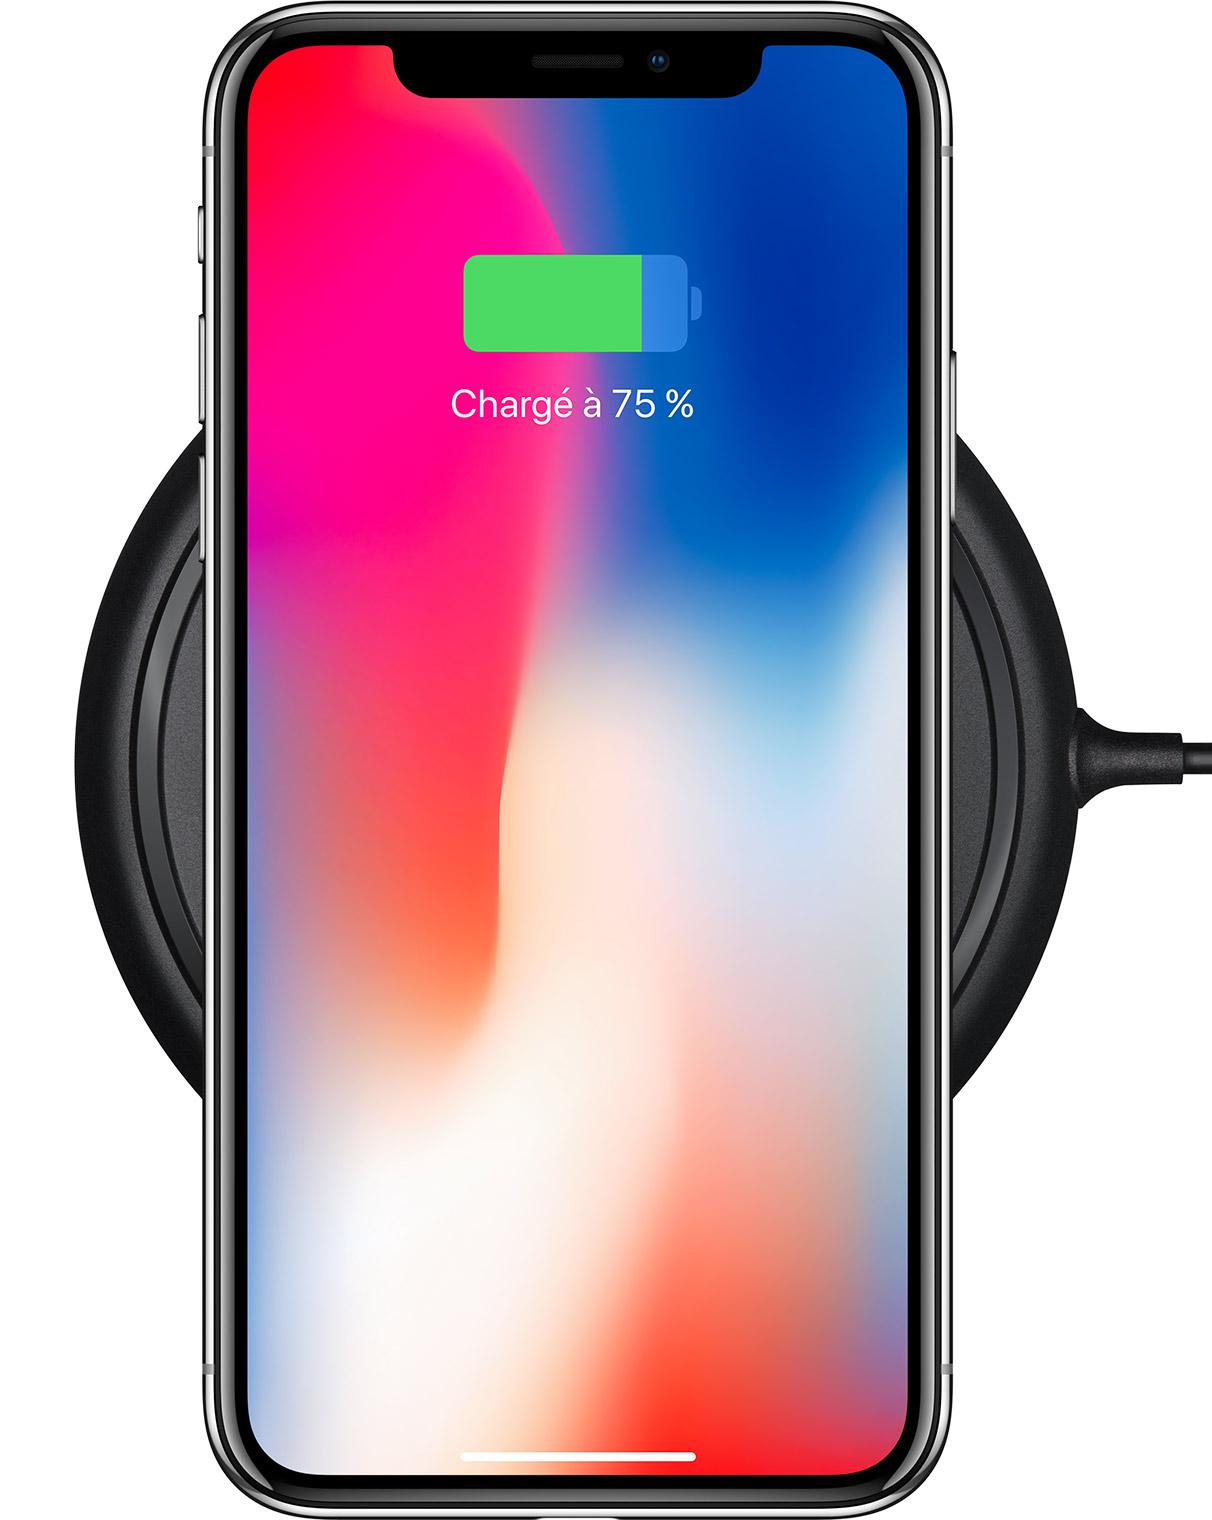 Apple débride la recharge sans fil, mais ne rattrape pas la concurrence Android